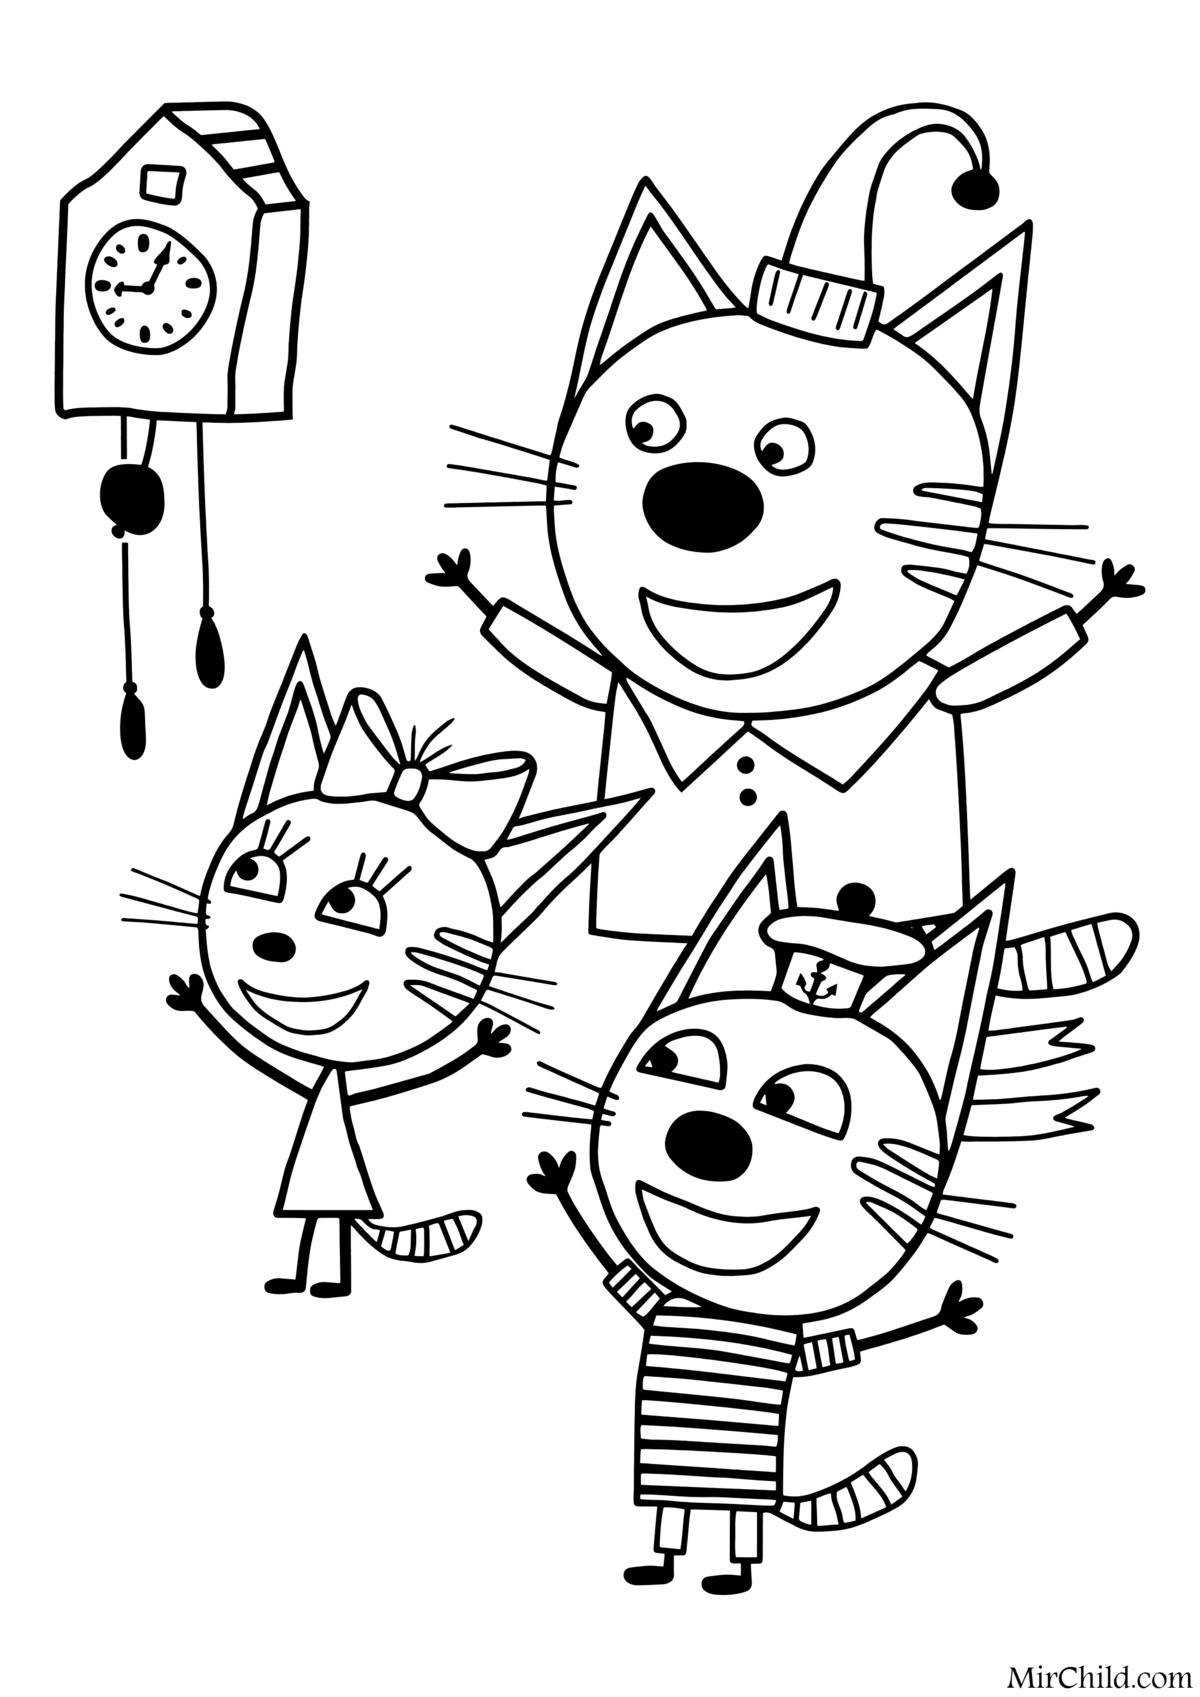 Раскраски Три Кота Распечатать Бесплатно Формат А4